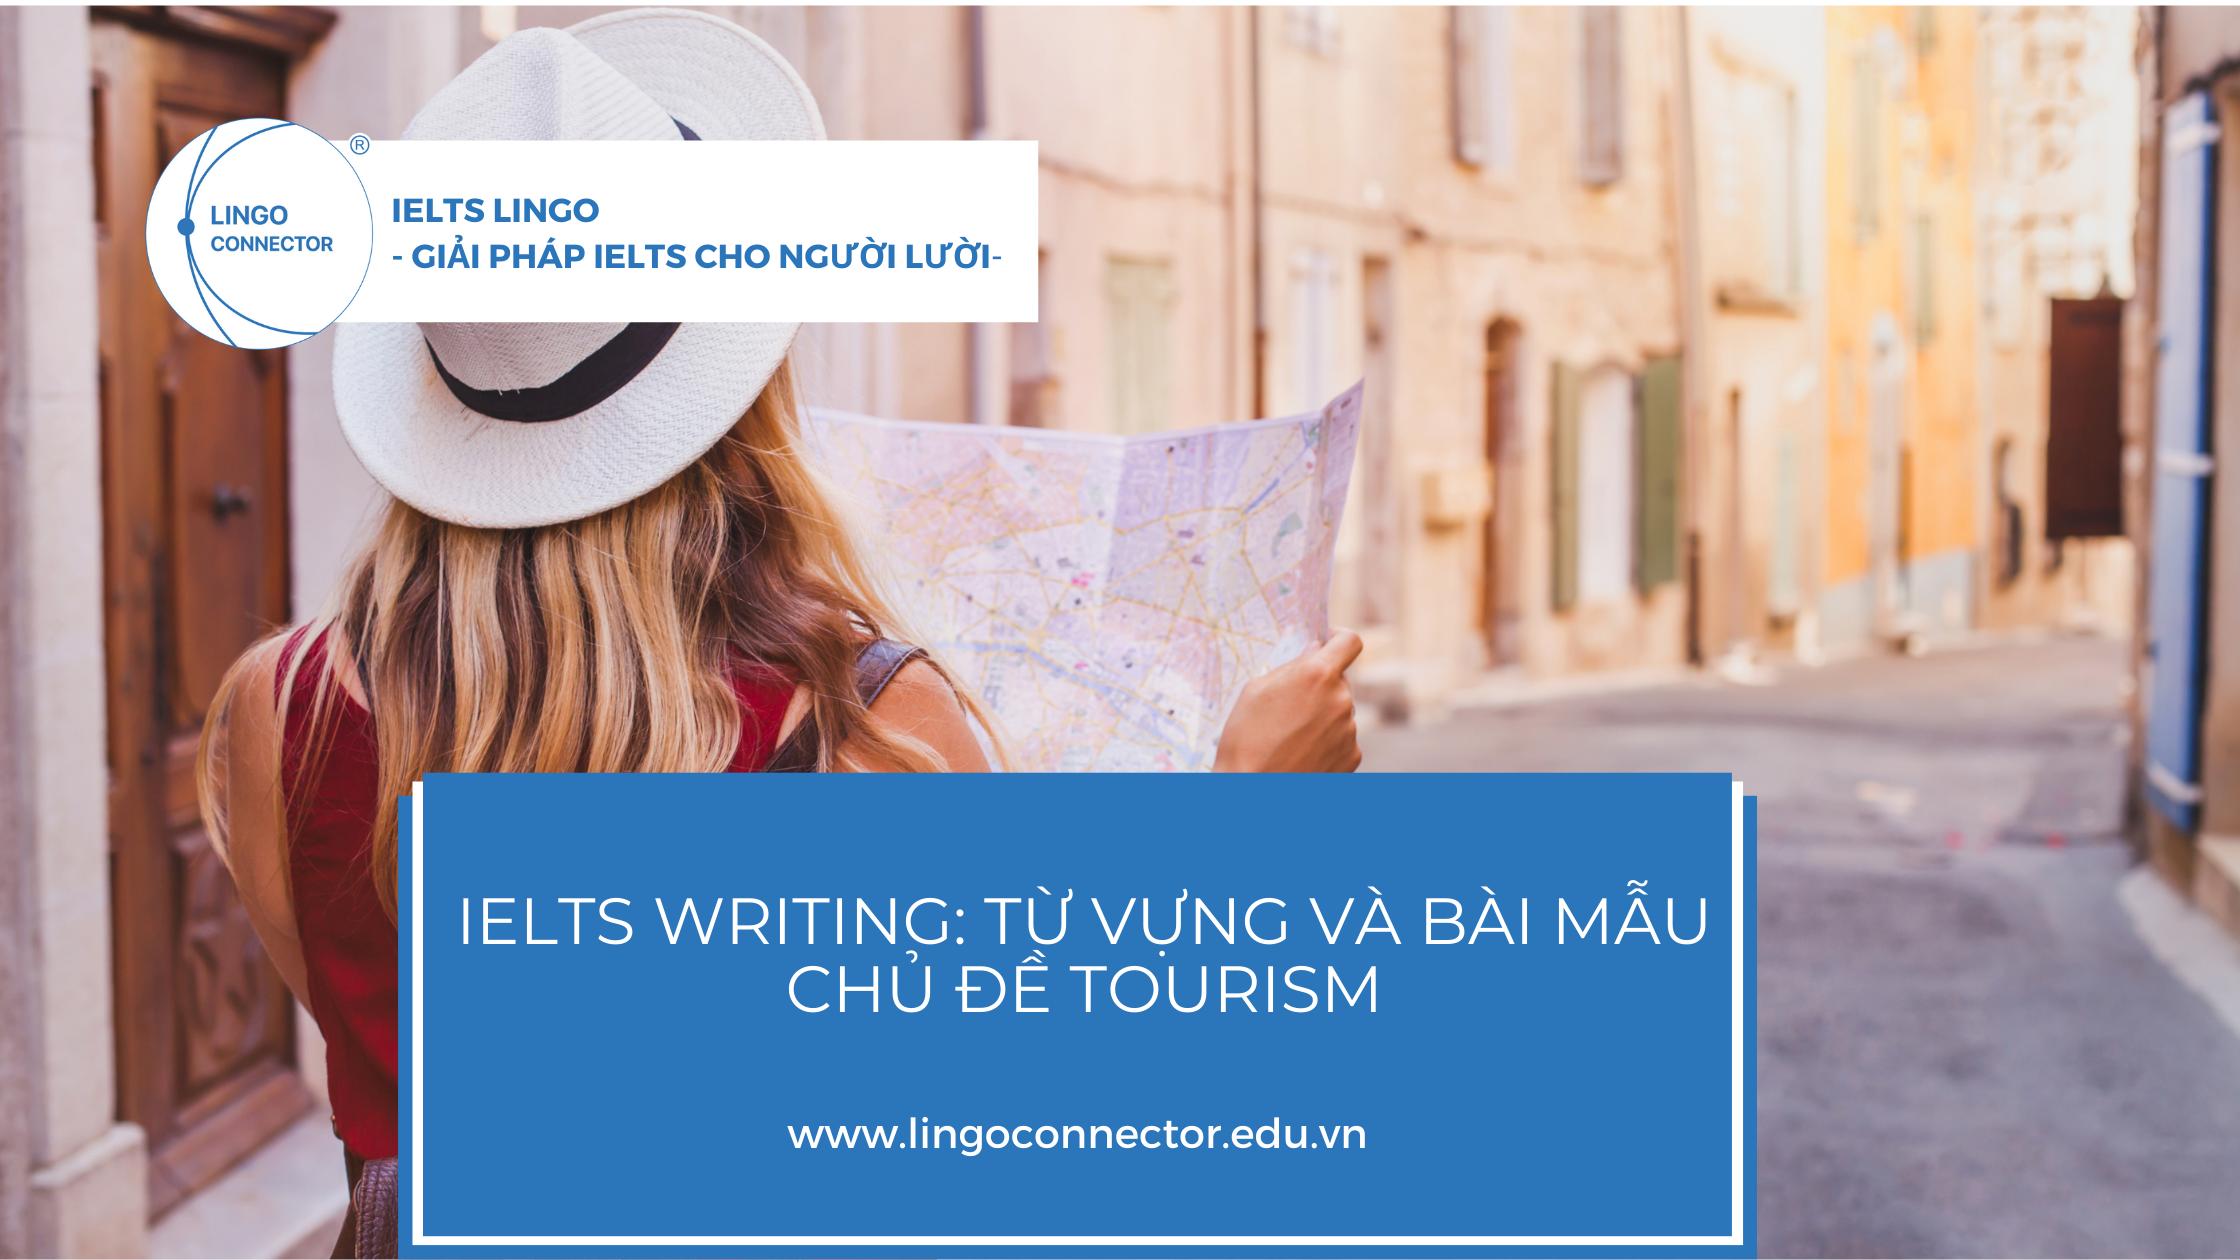 từ vựng ielts writing chủ đề tourism